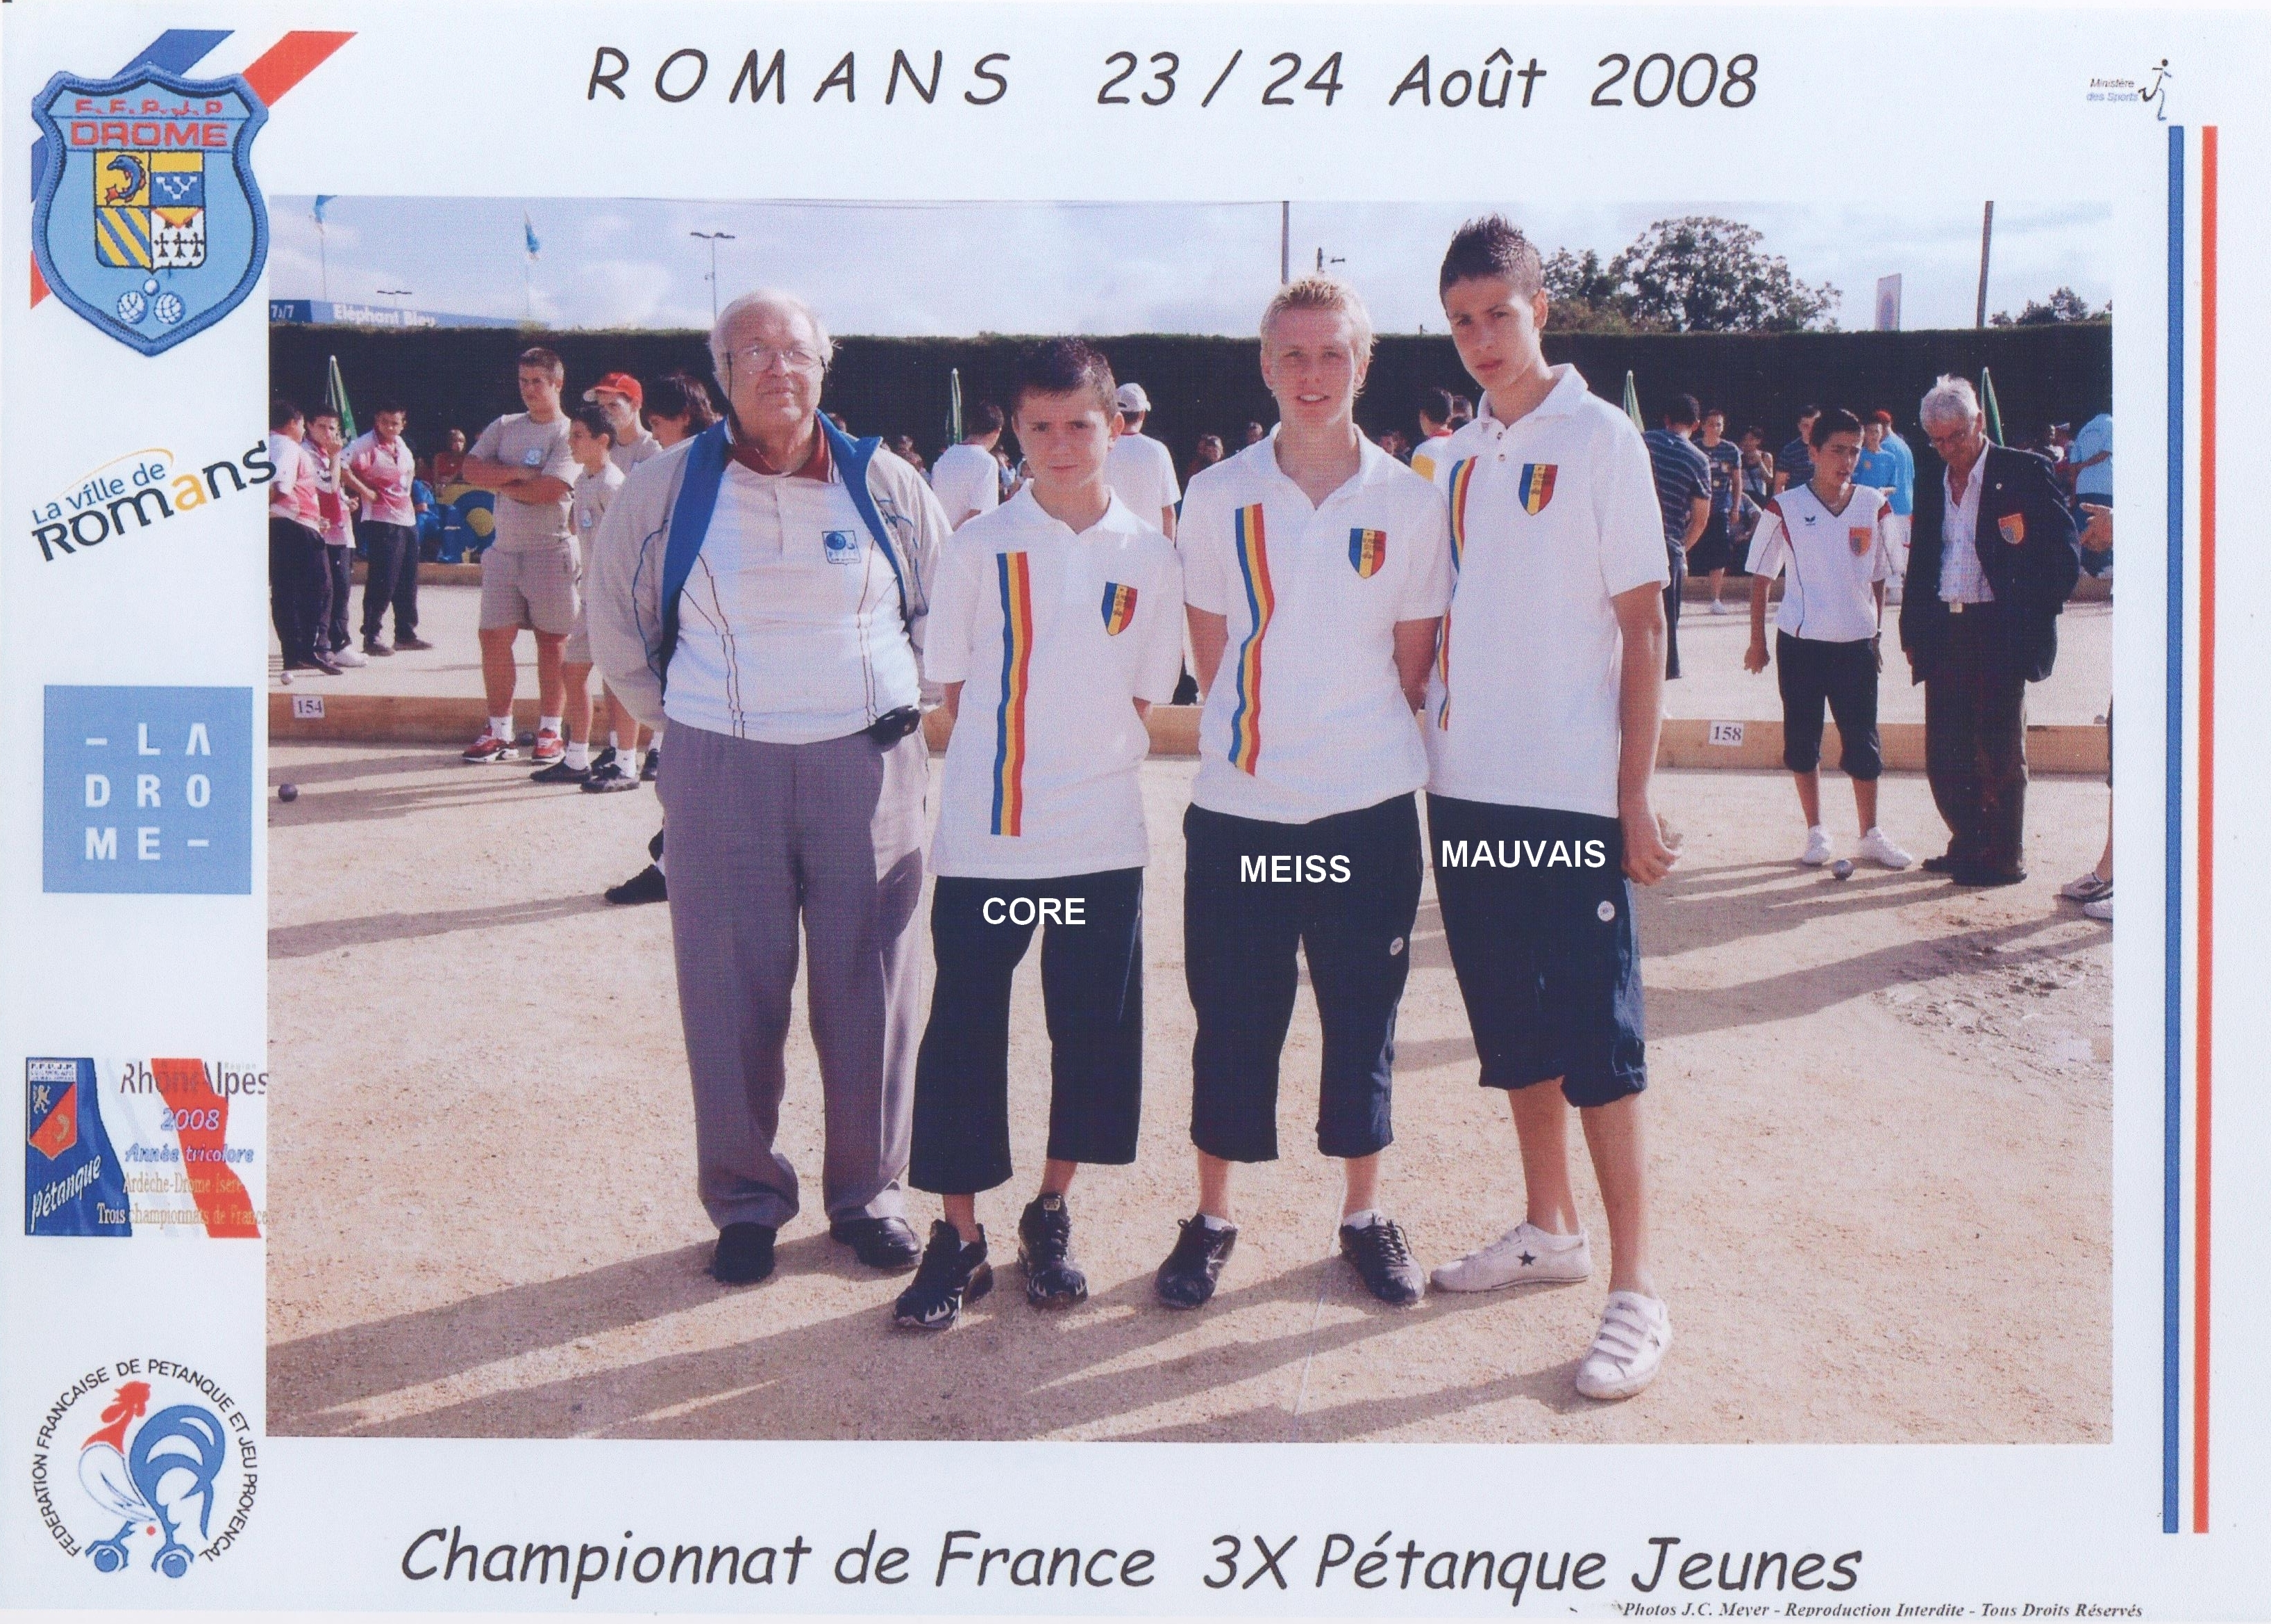 Les vices-champions juniors du 06 qualifiés par la ligue